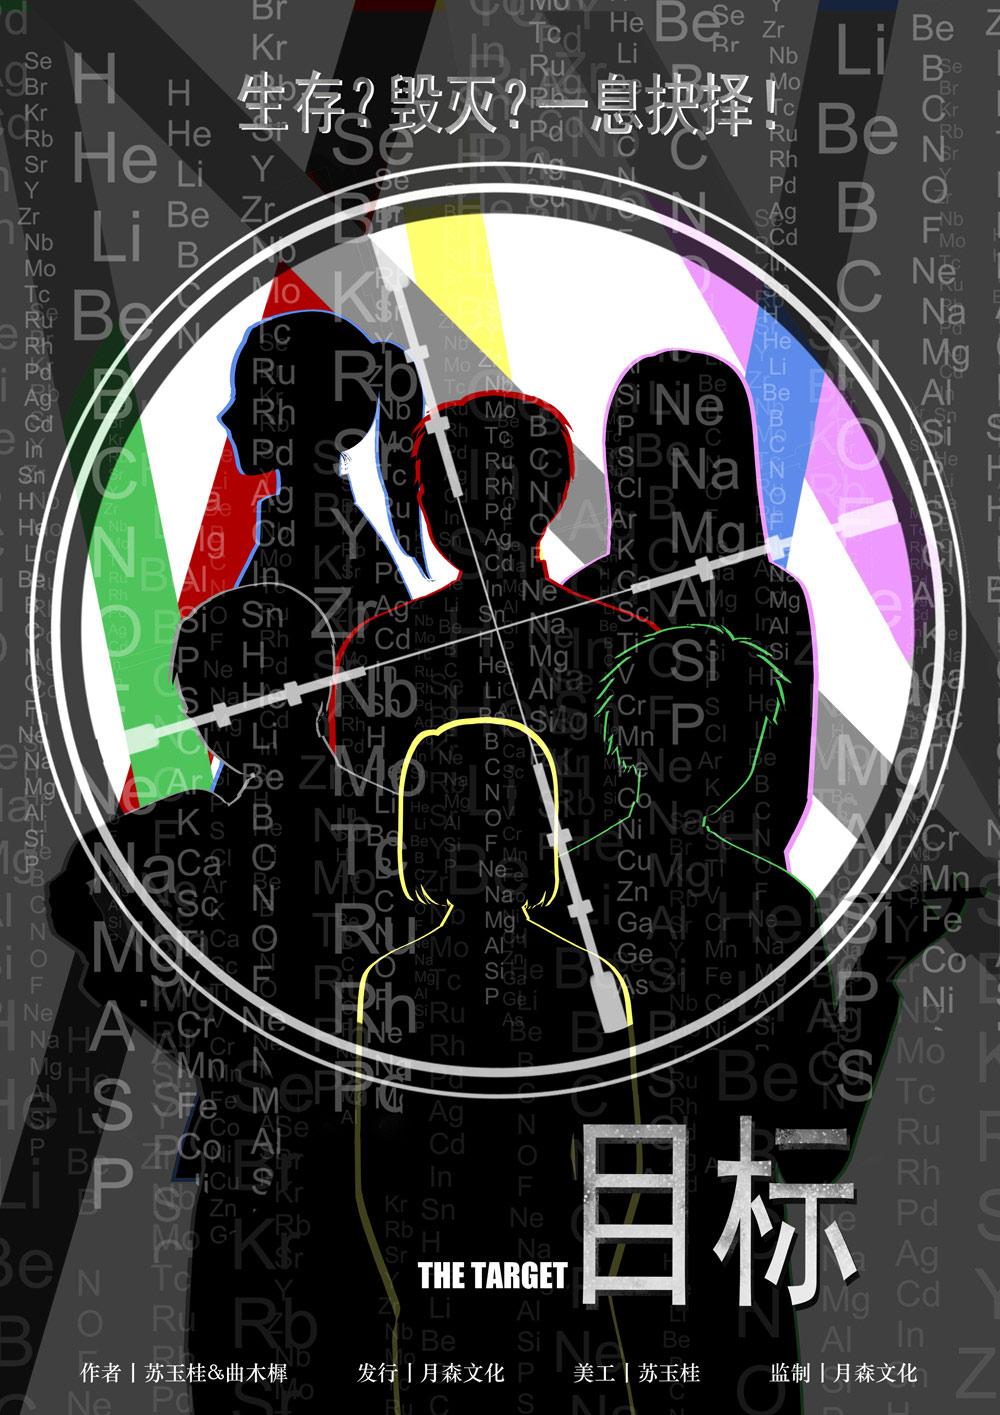 剧本杀目标复盘解析+凶手是谁+手法动机+剧透